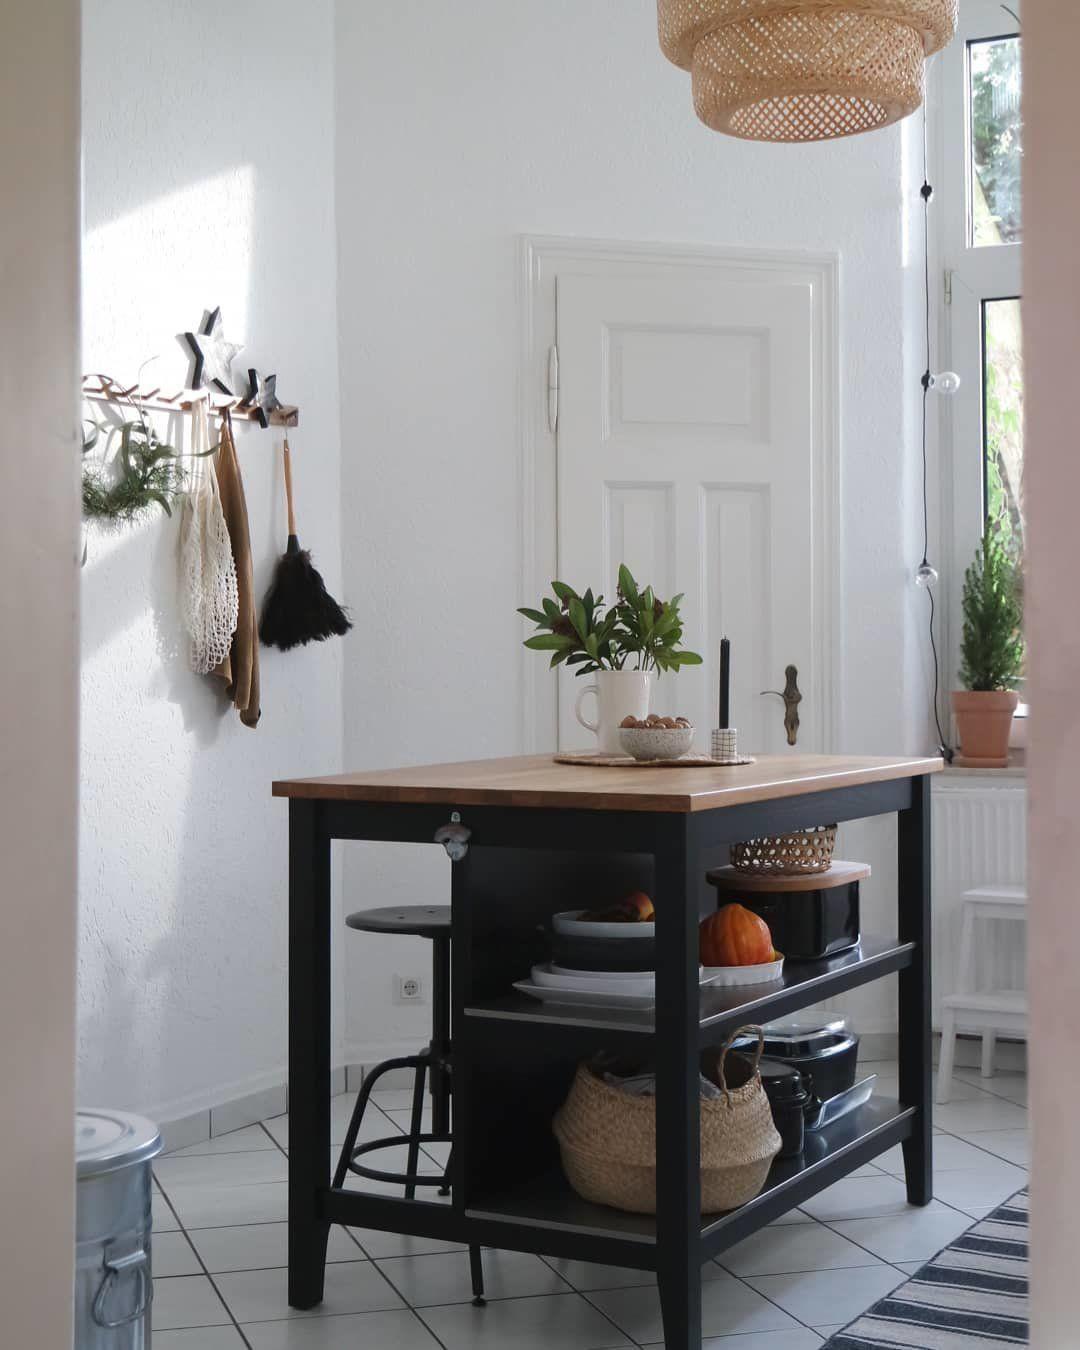 Die Schönsten Ideen Für Deine Wandfarbe: Die Schönsten Ideen Für Deine Küchendeko!